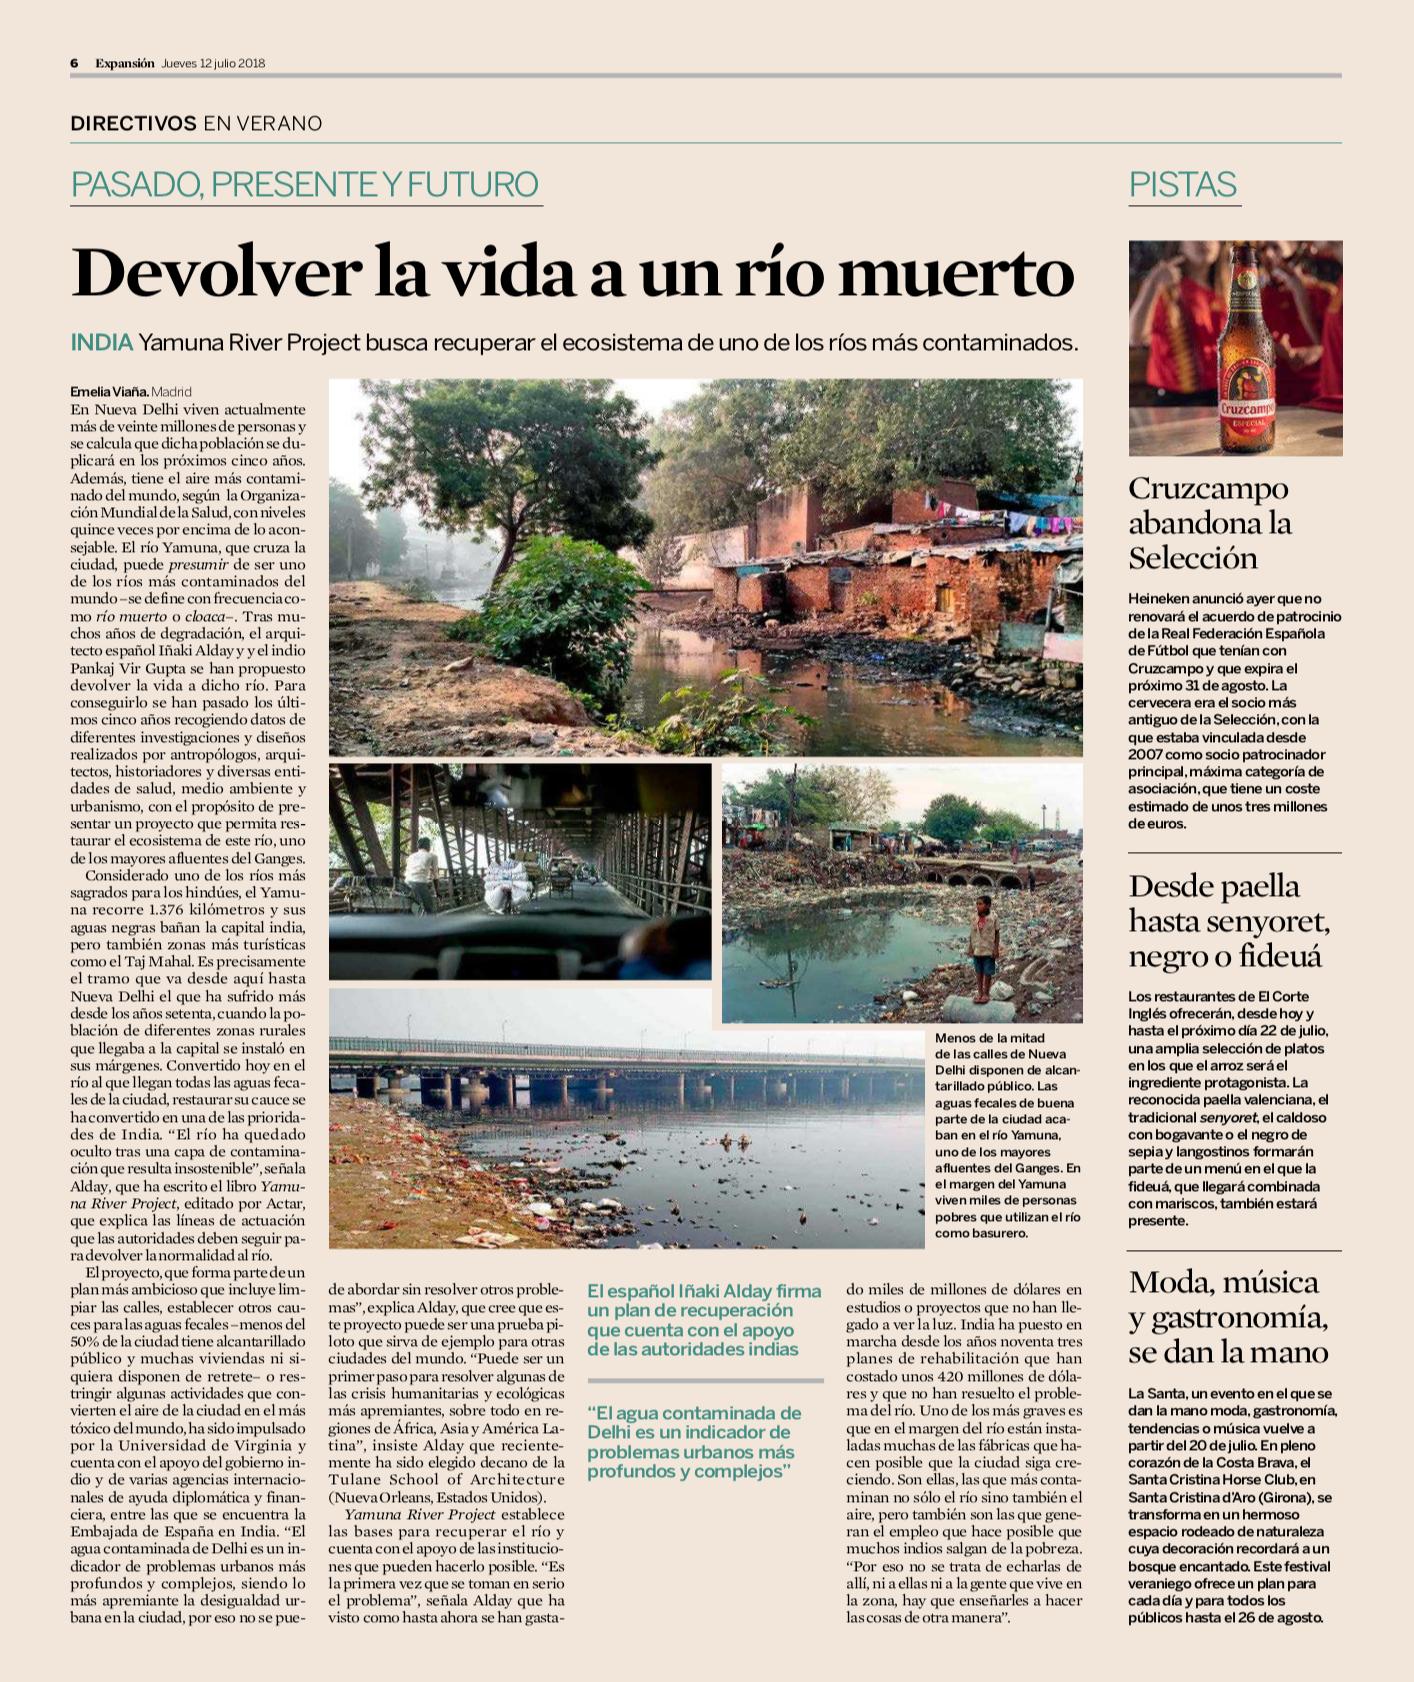 Devolver la vida a un río muerto - EXPANSIÓN